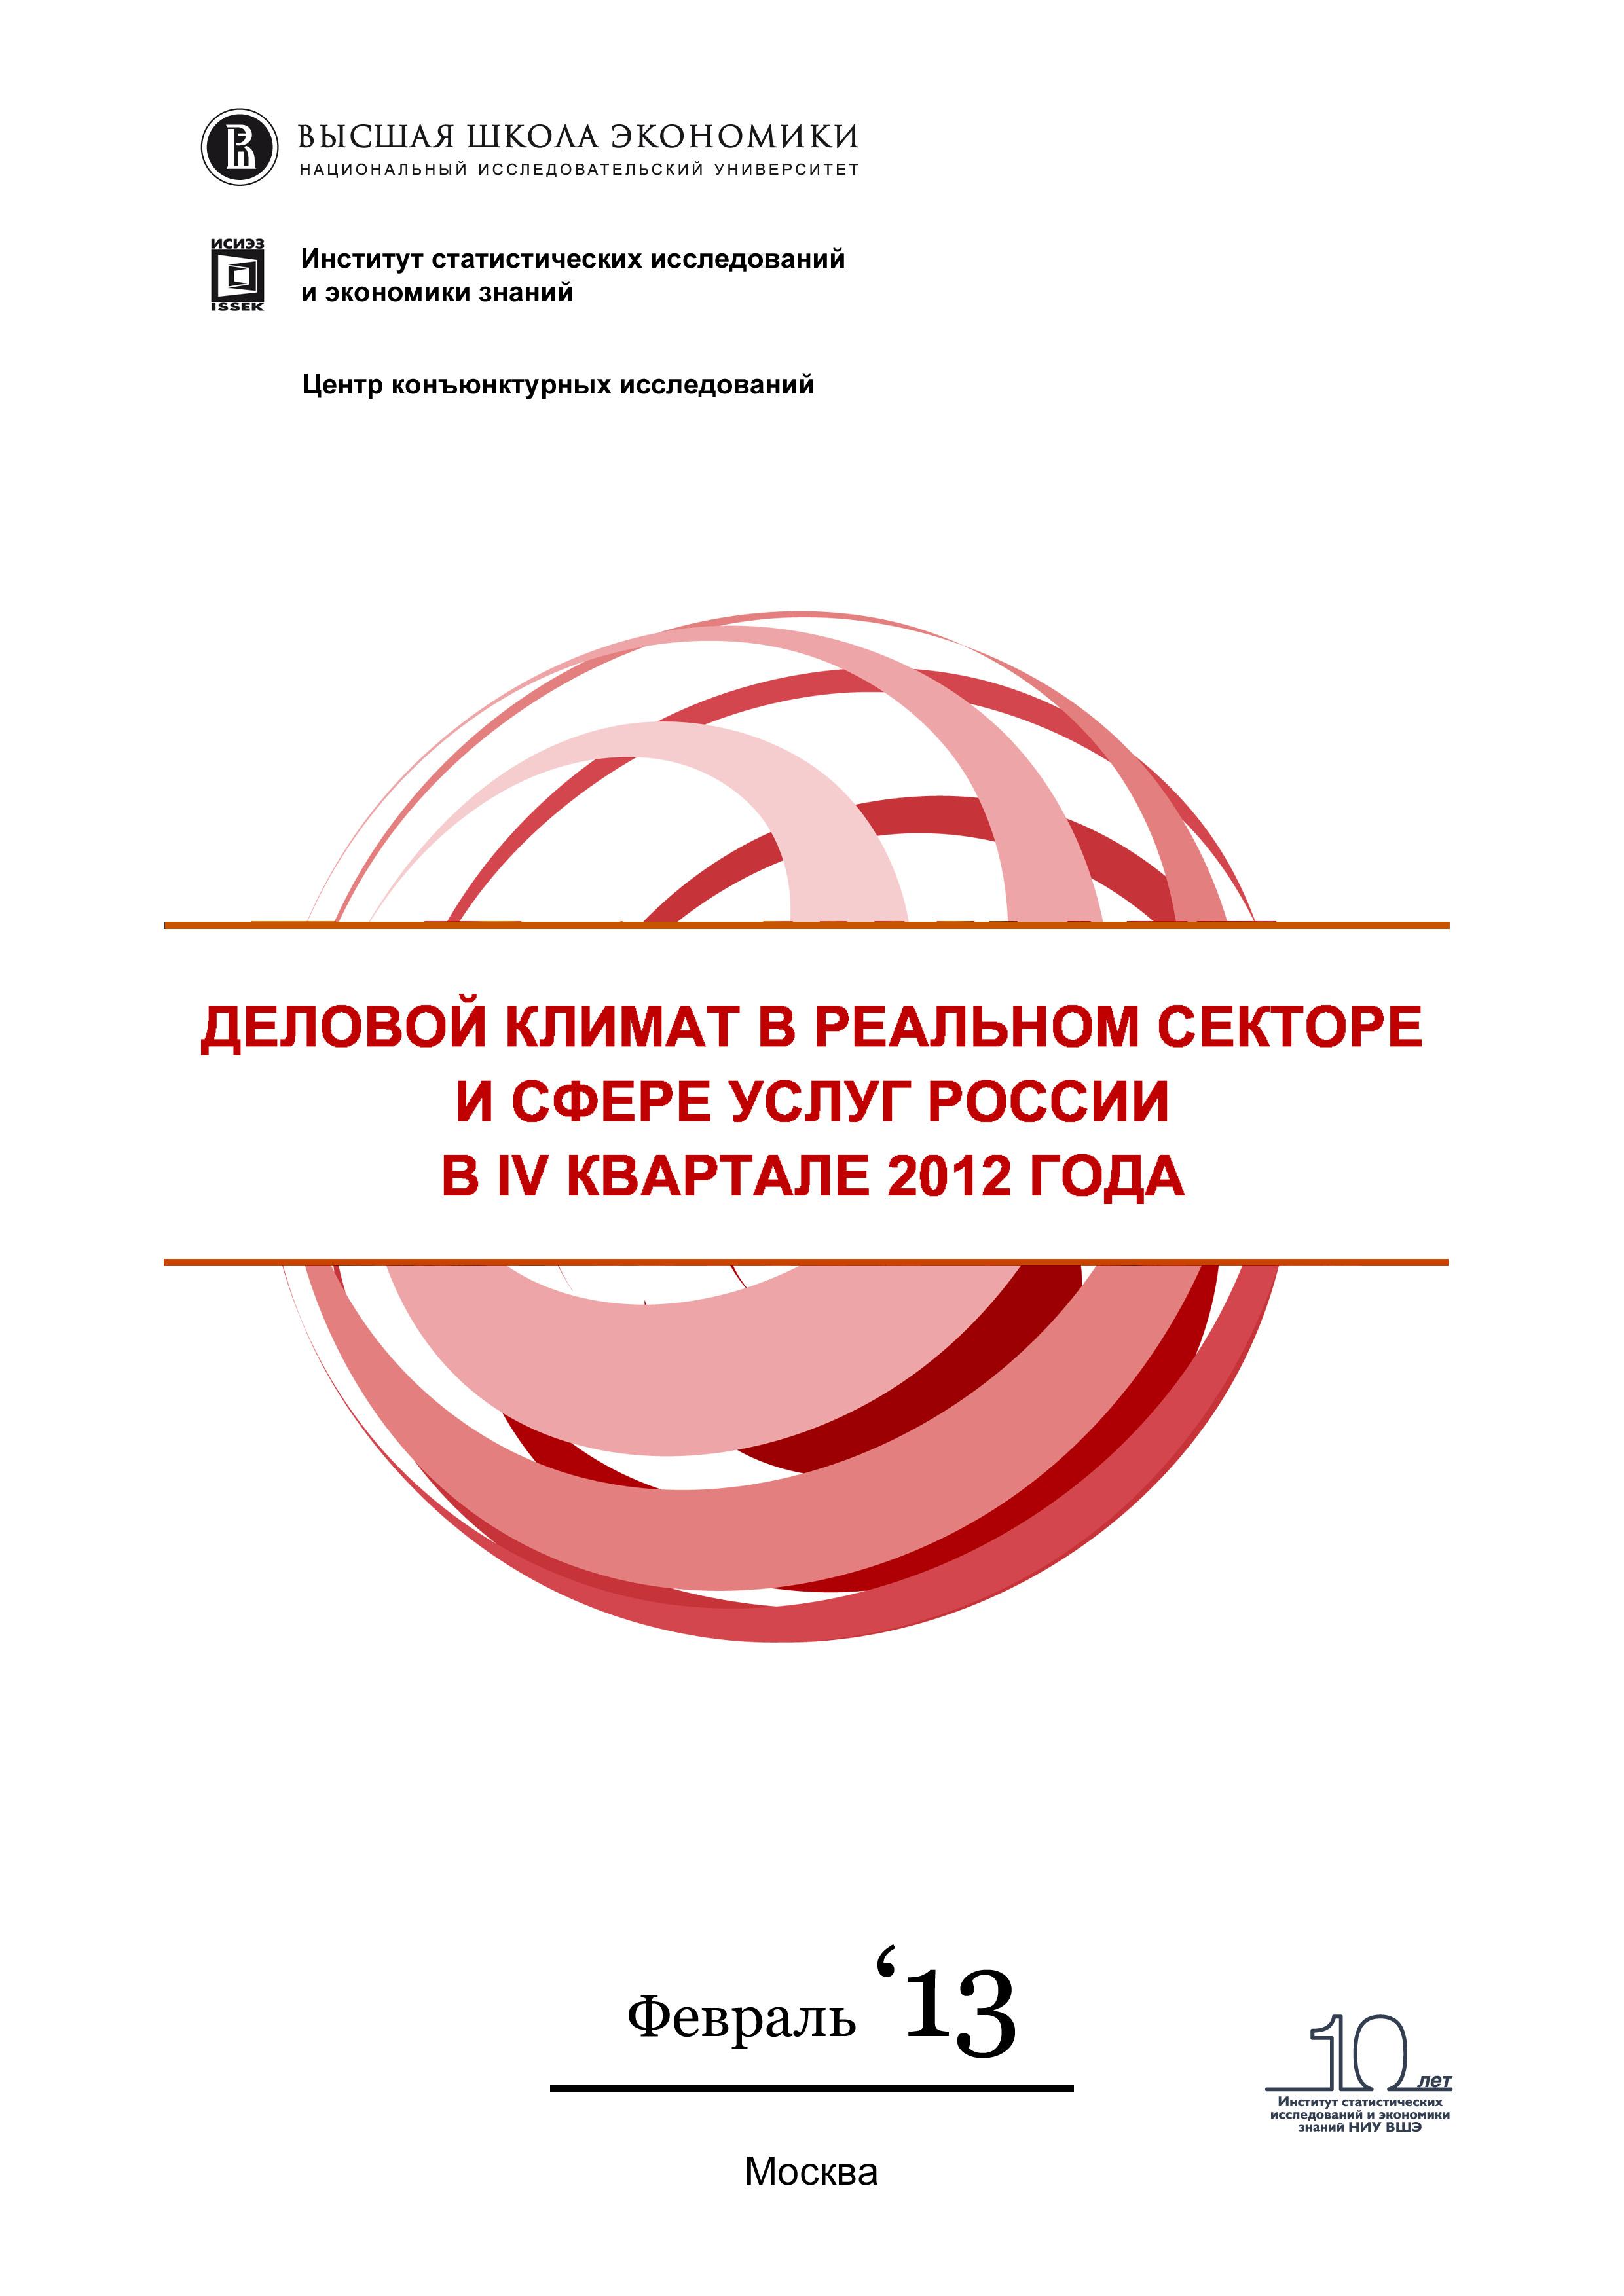 Деловой климат в реальном секторе и сфере услуг России в I квартале 2013 года